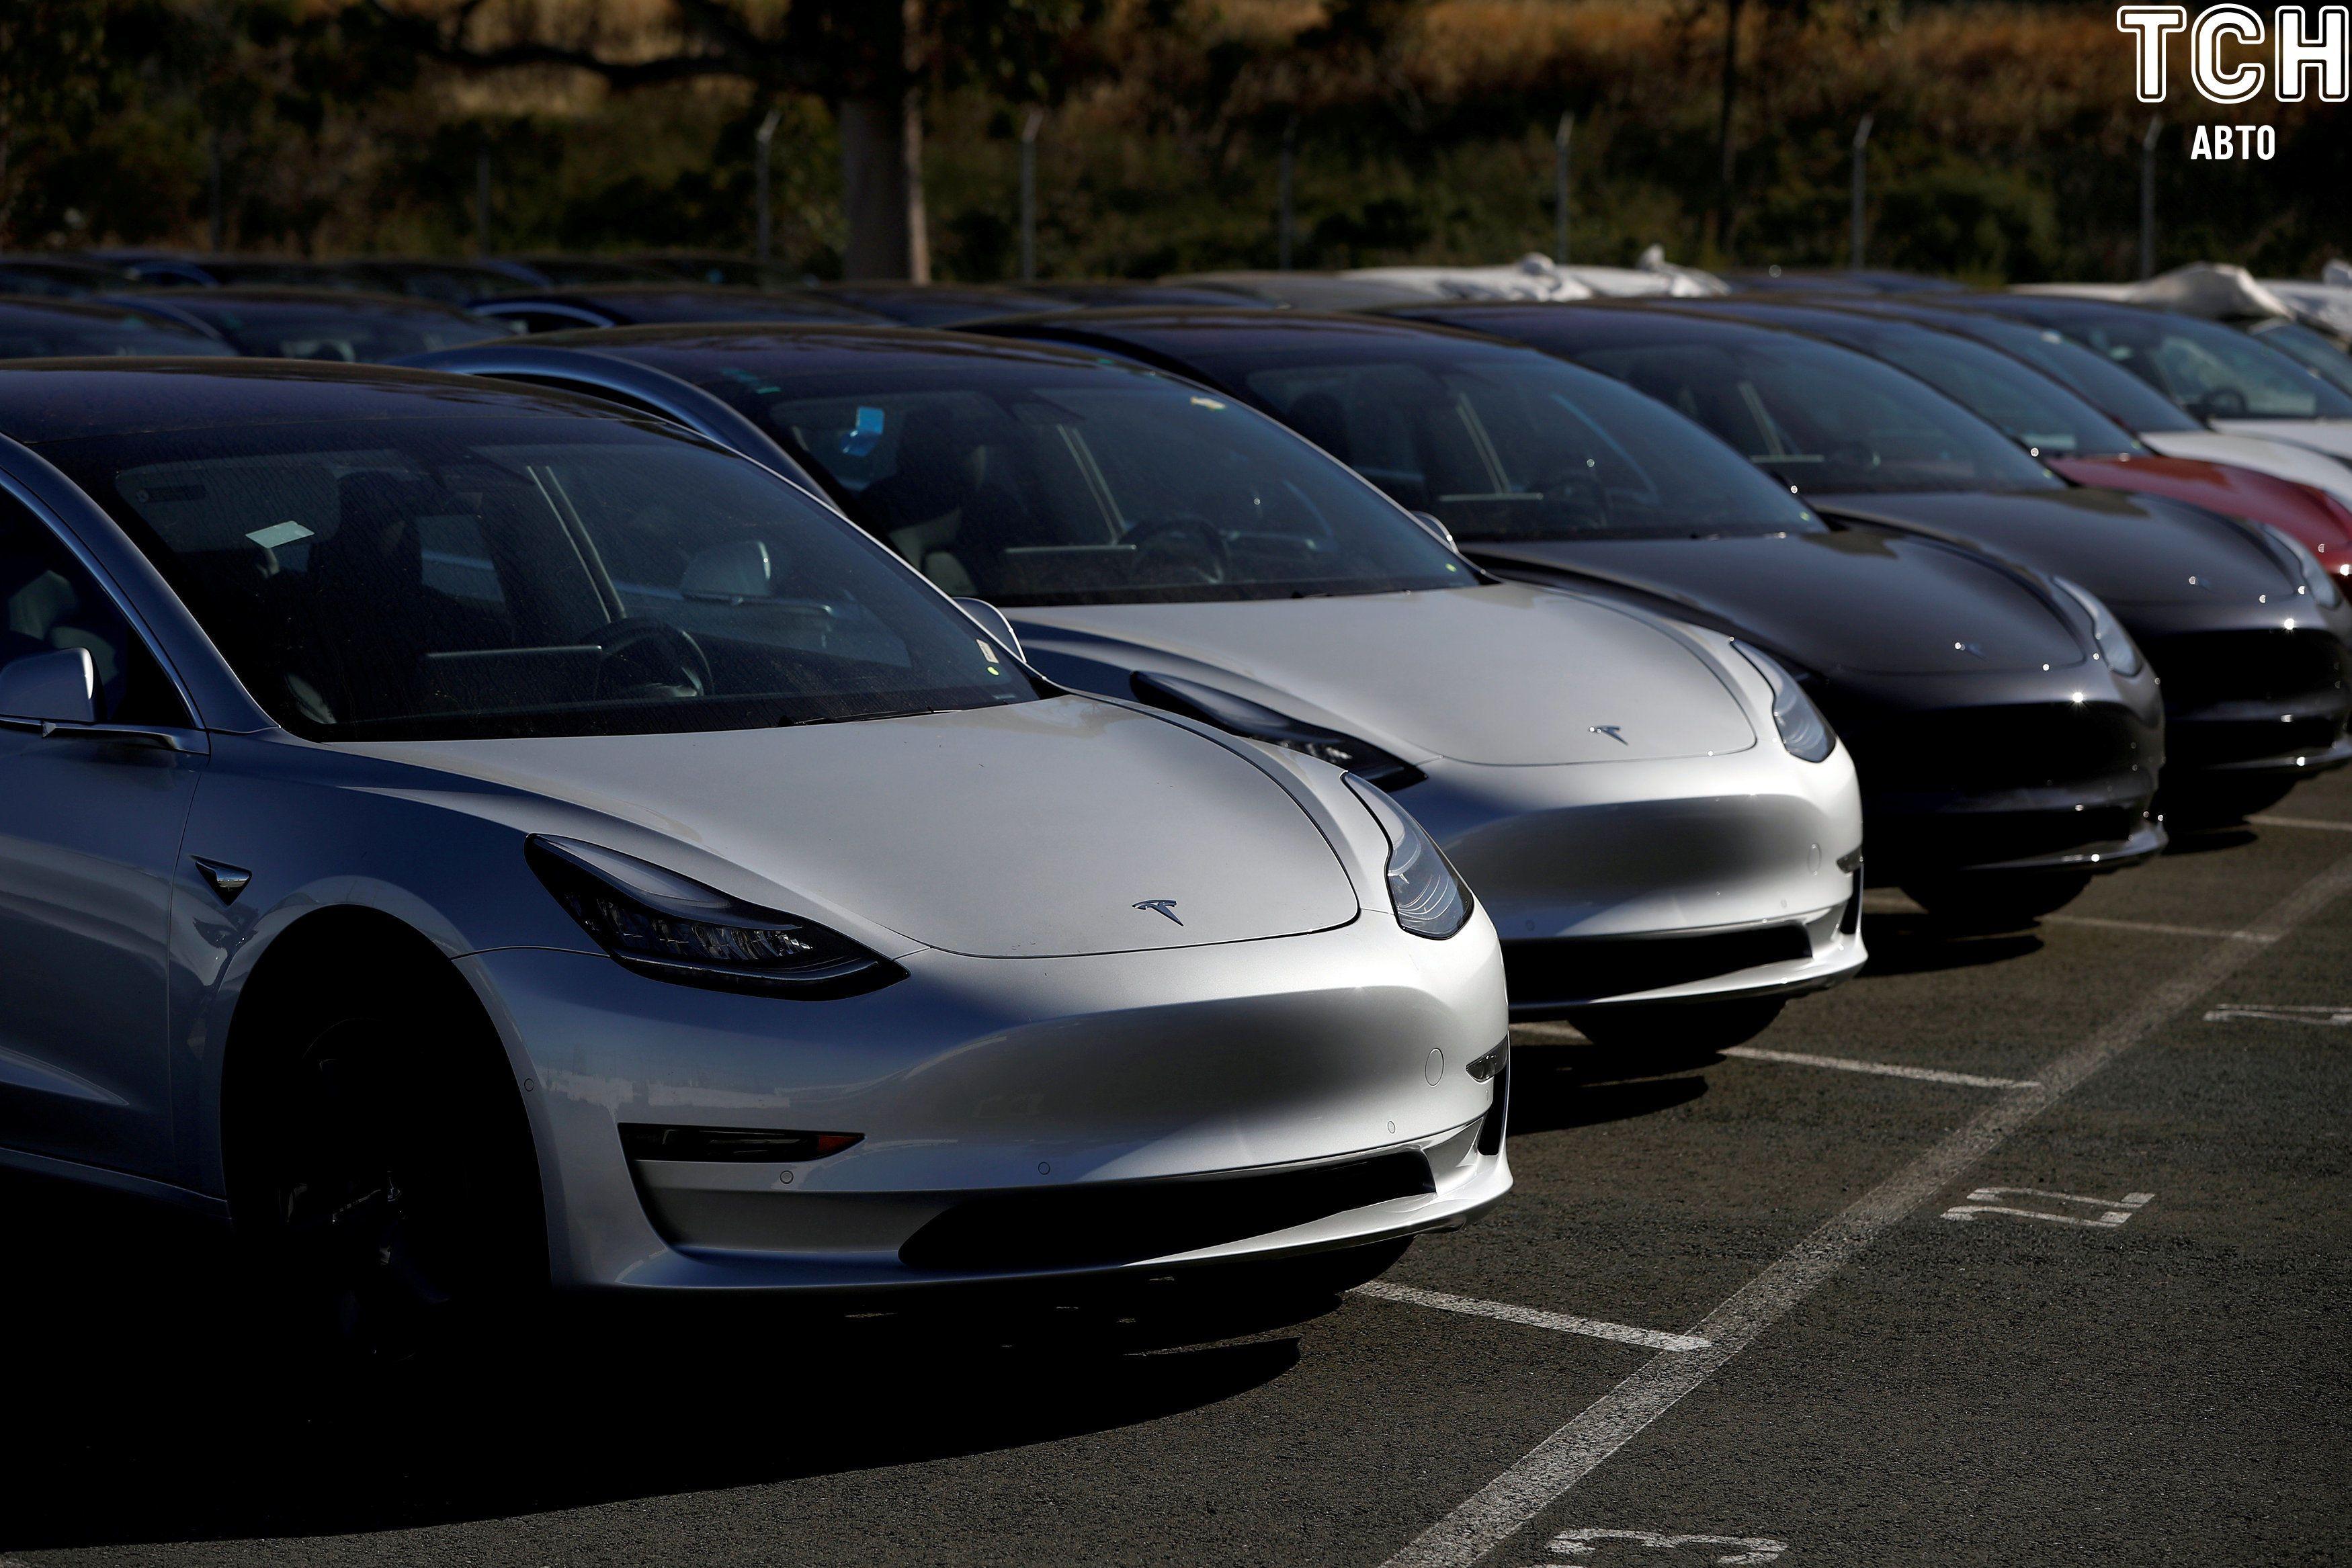 Електрокари Tesla Model 3, электрокары